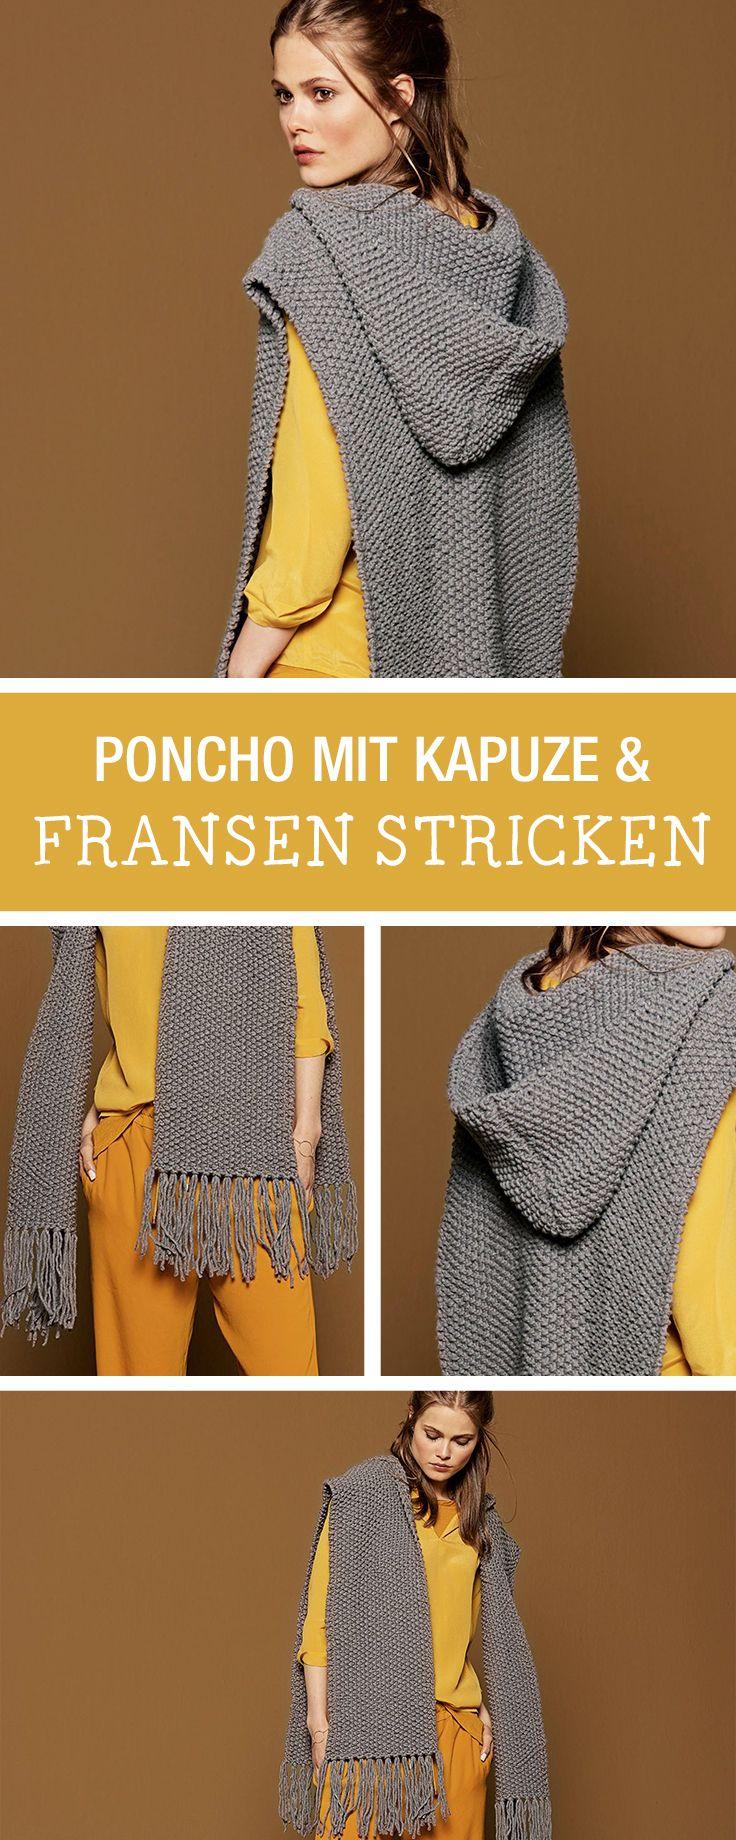 Stricken - DIY-Anleitungen | Pinterest | Poncho mit kapuze, Herbst ...